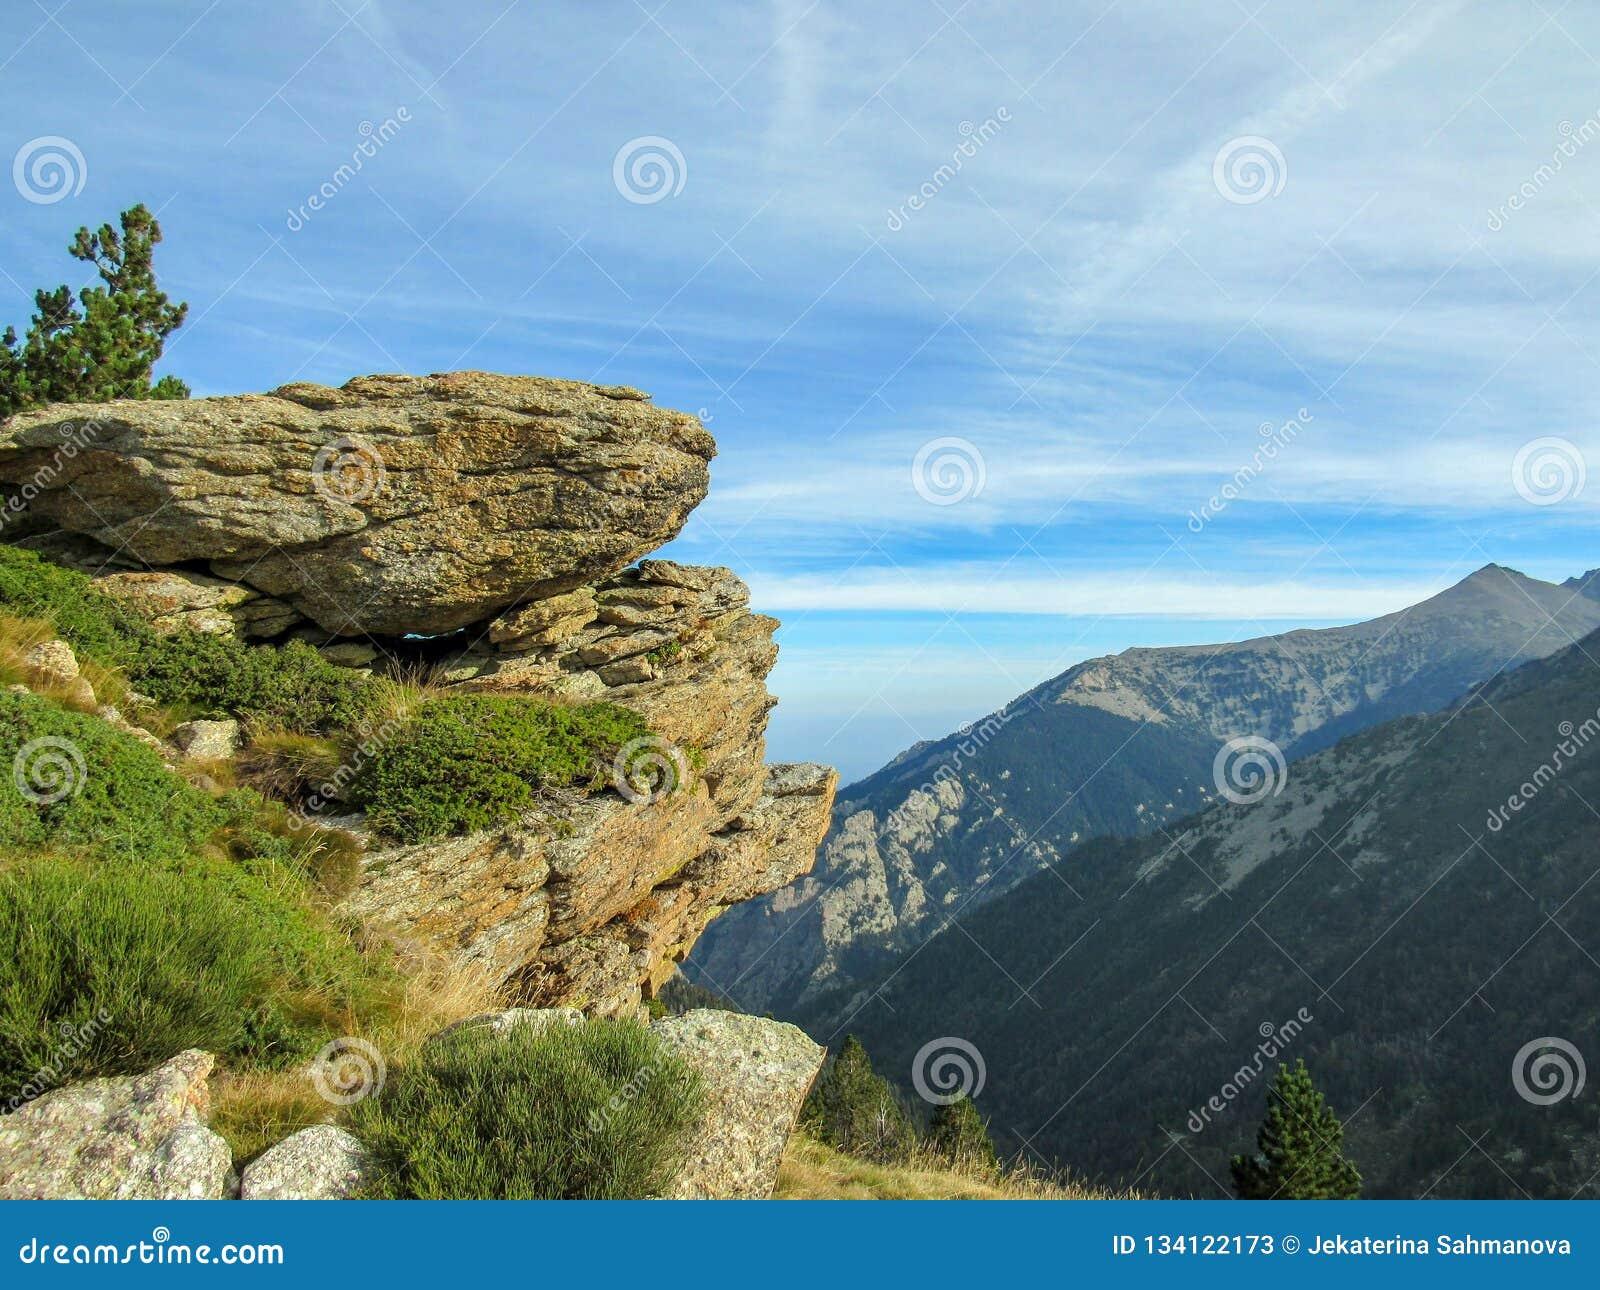 Berglandschaft in den französischen Pyrenäen nahe Pic du Canigou, regionaler Park der katalanischen Pyrenäen, Frankreich